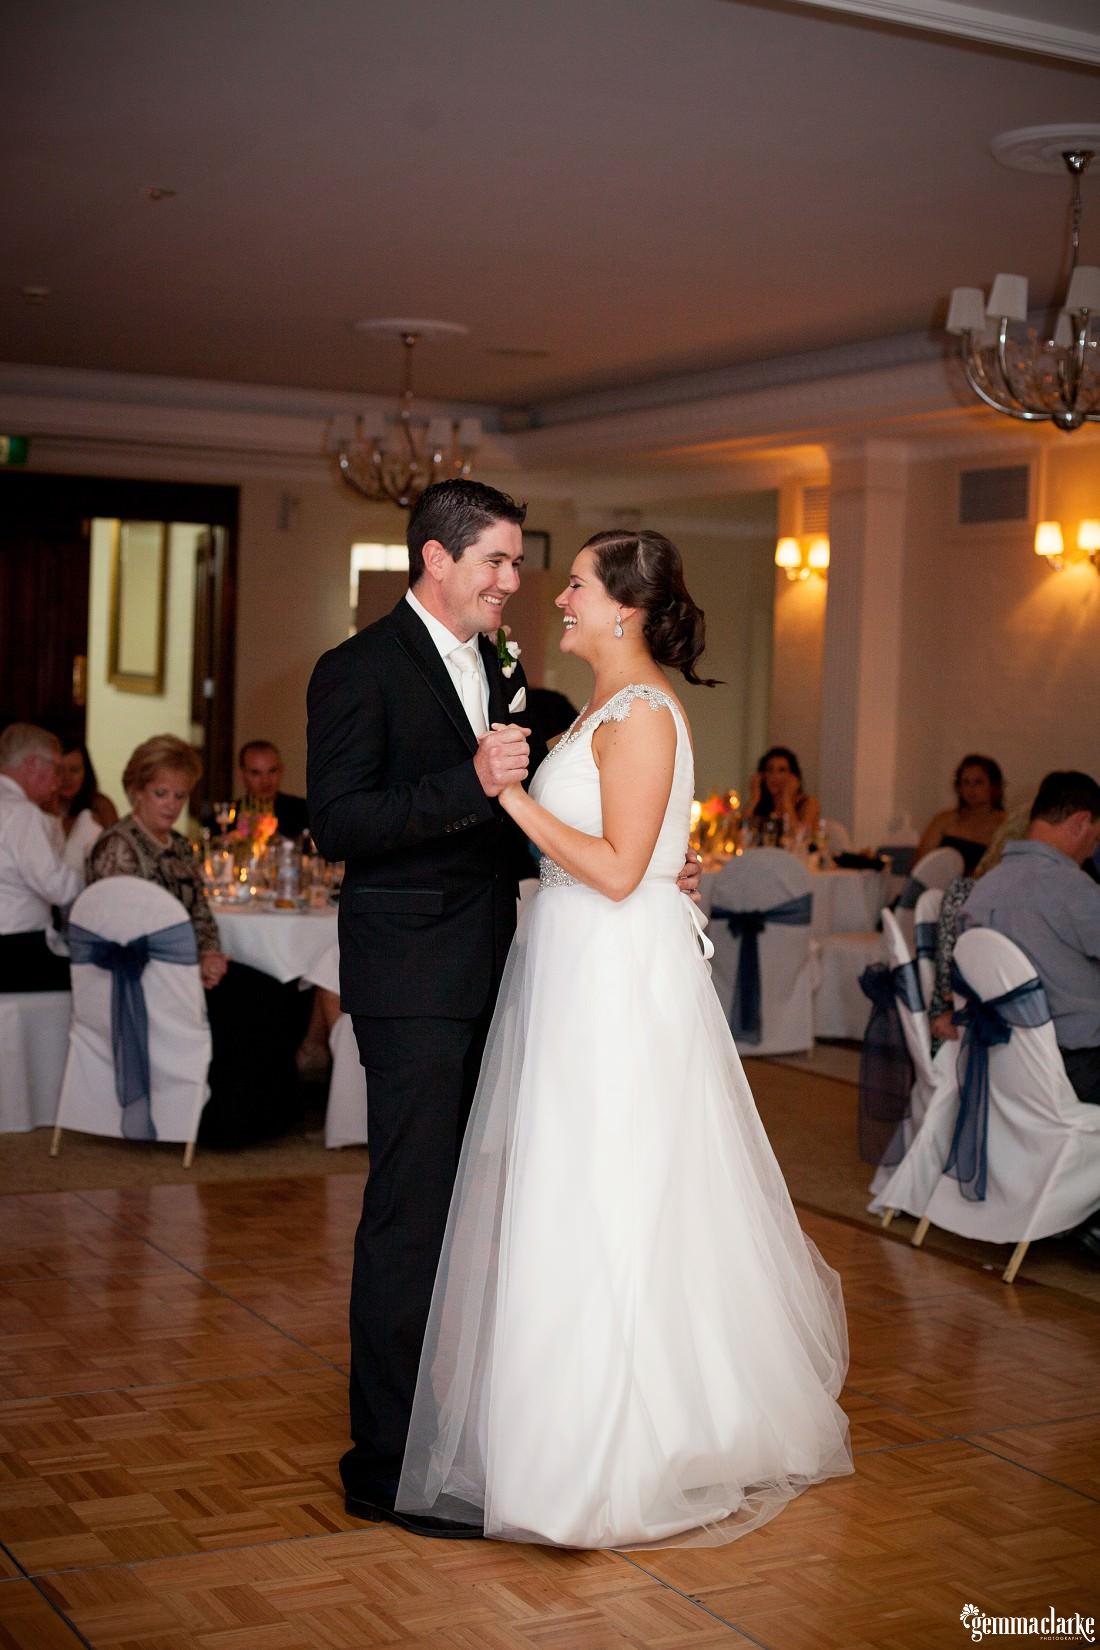 gemma-clarke-photography_sebel-hawkesbury-wedding_kathryn-and-chris_0056